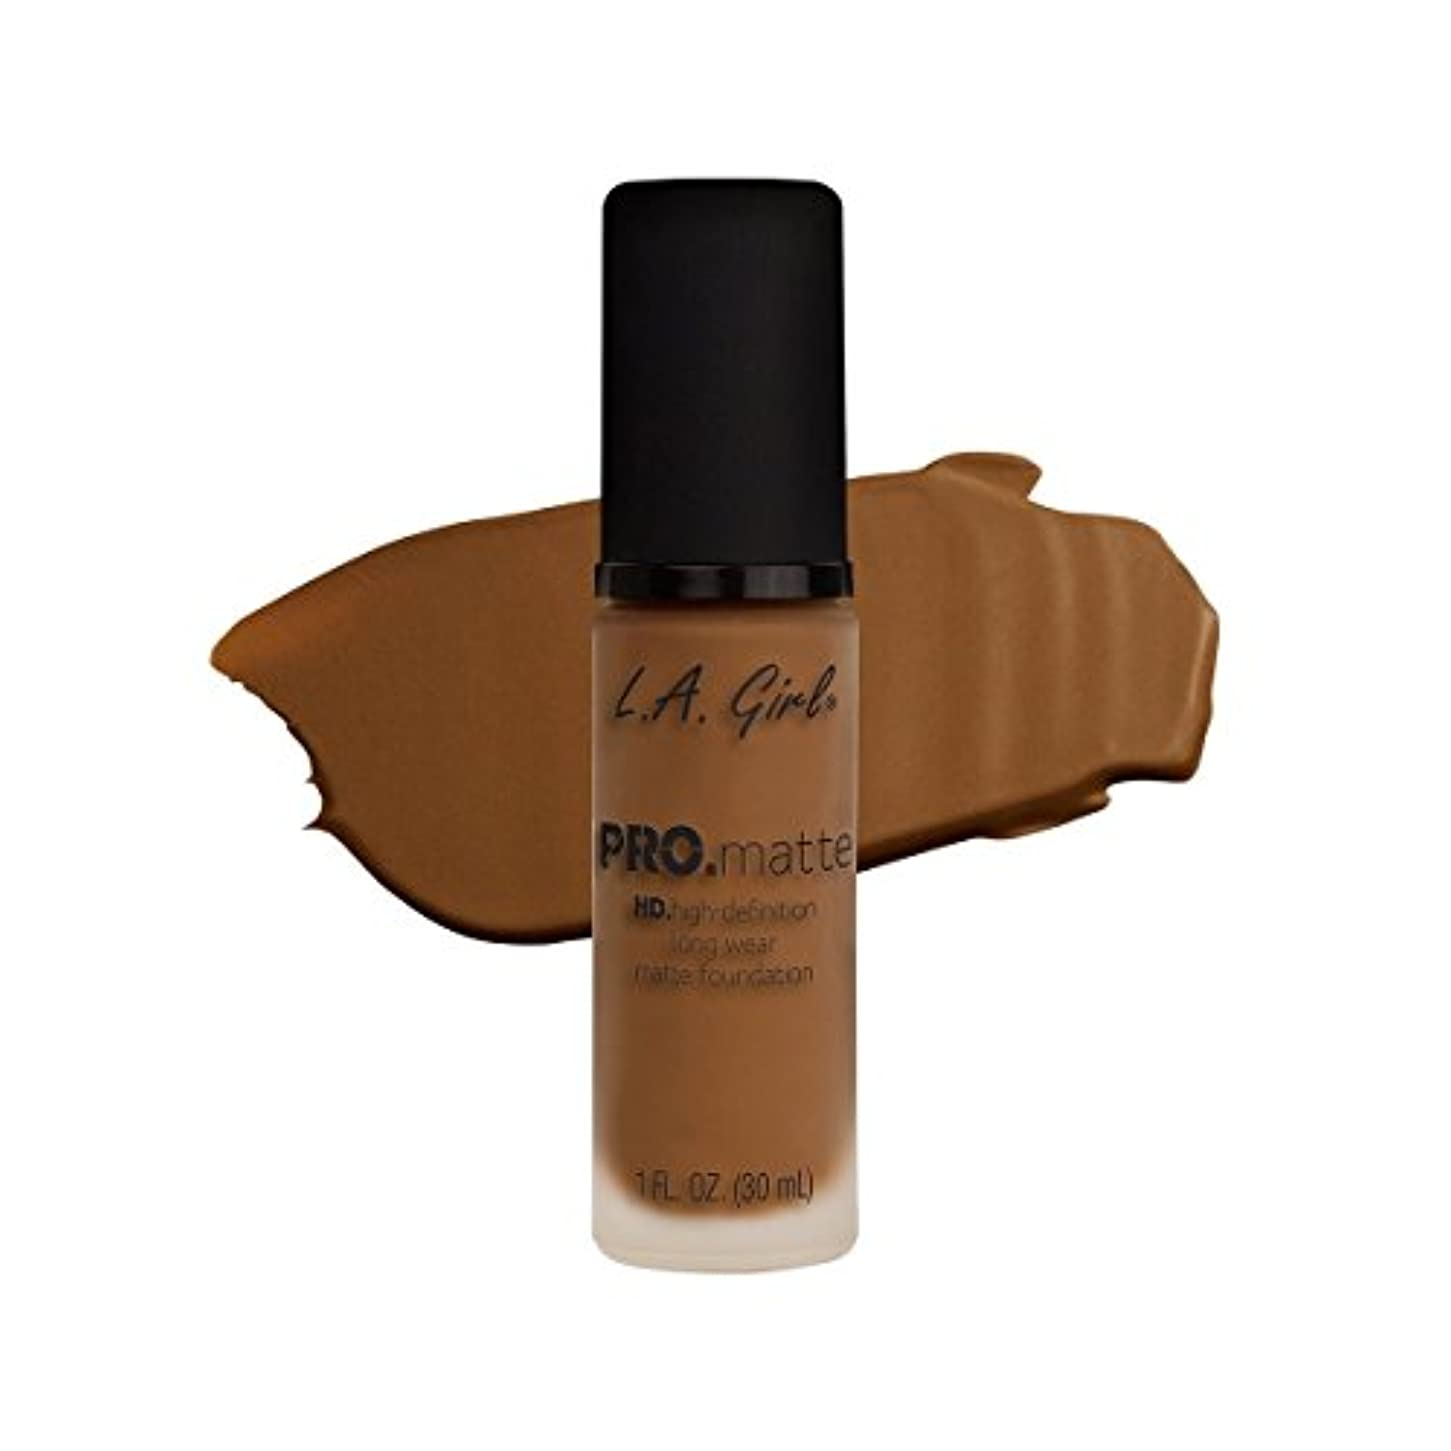 大いに打ち上げるリダクター(3 Pack) L.A. GIRL Pro Matte Foundation - Nutmeg (並行輸入品)